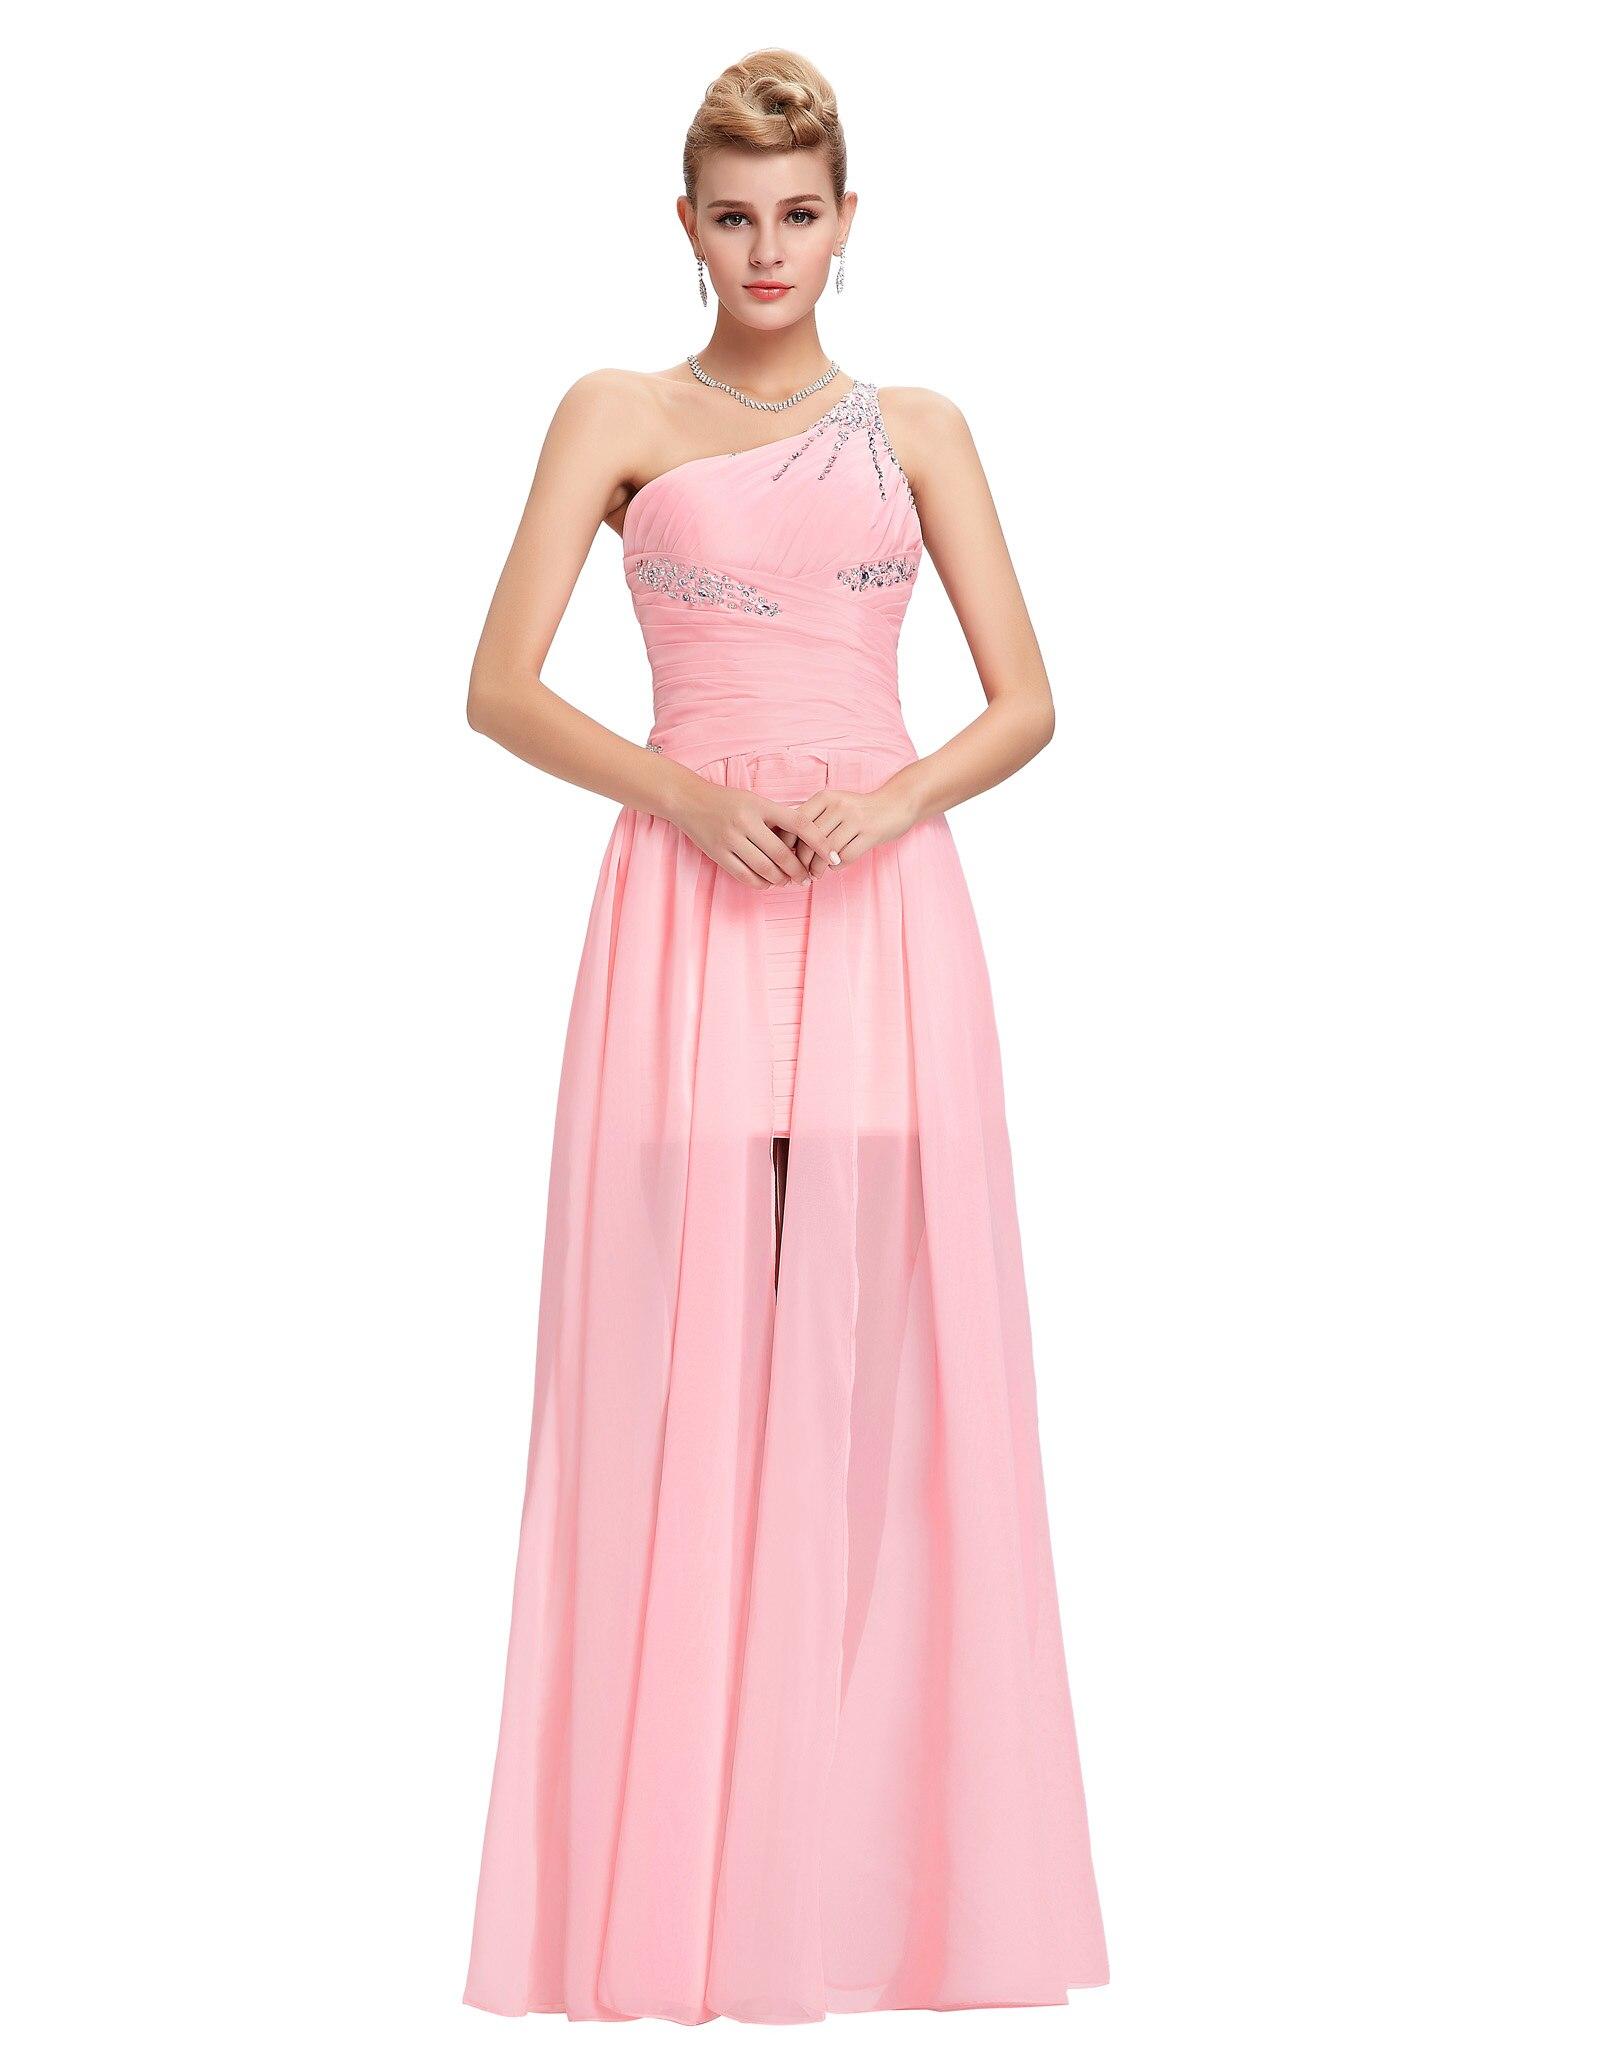 Grace Karin Dress Short Front Long Back High Low One Shoulder Pink ...